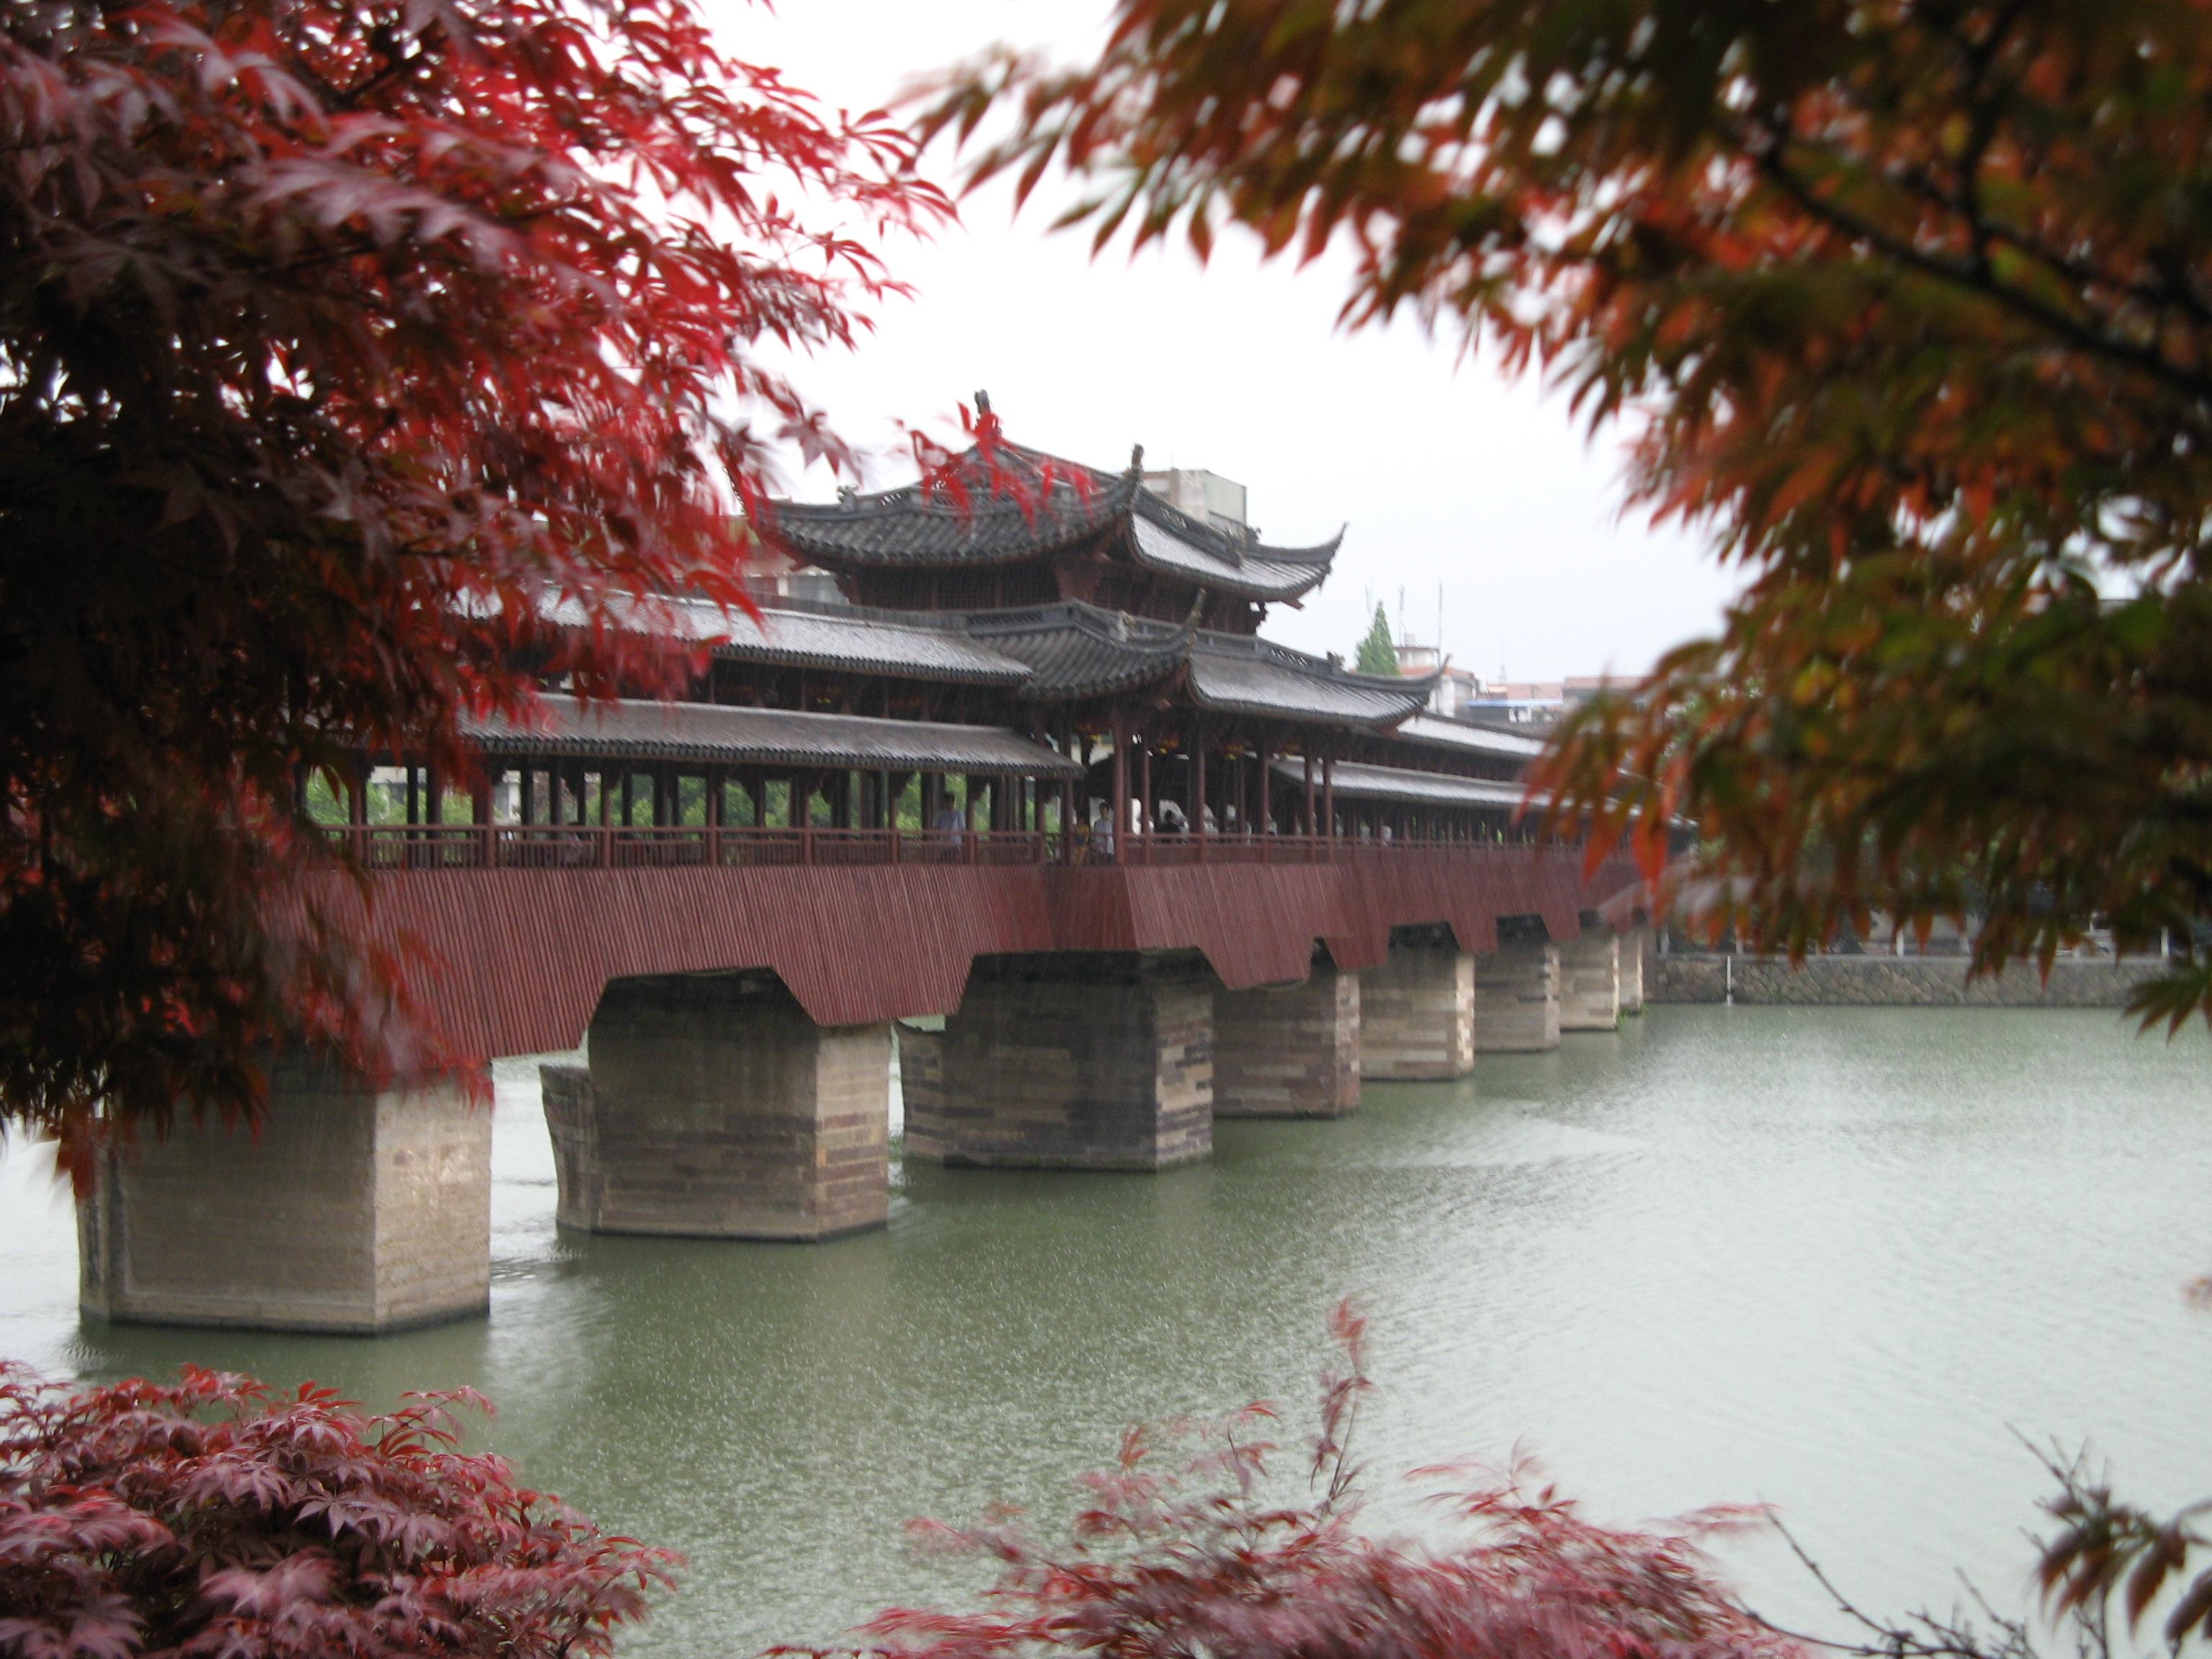 Description xijin bridge yongkang china